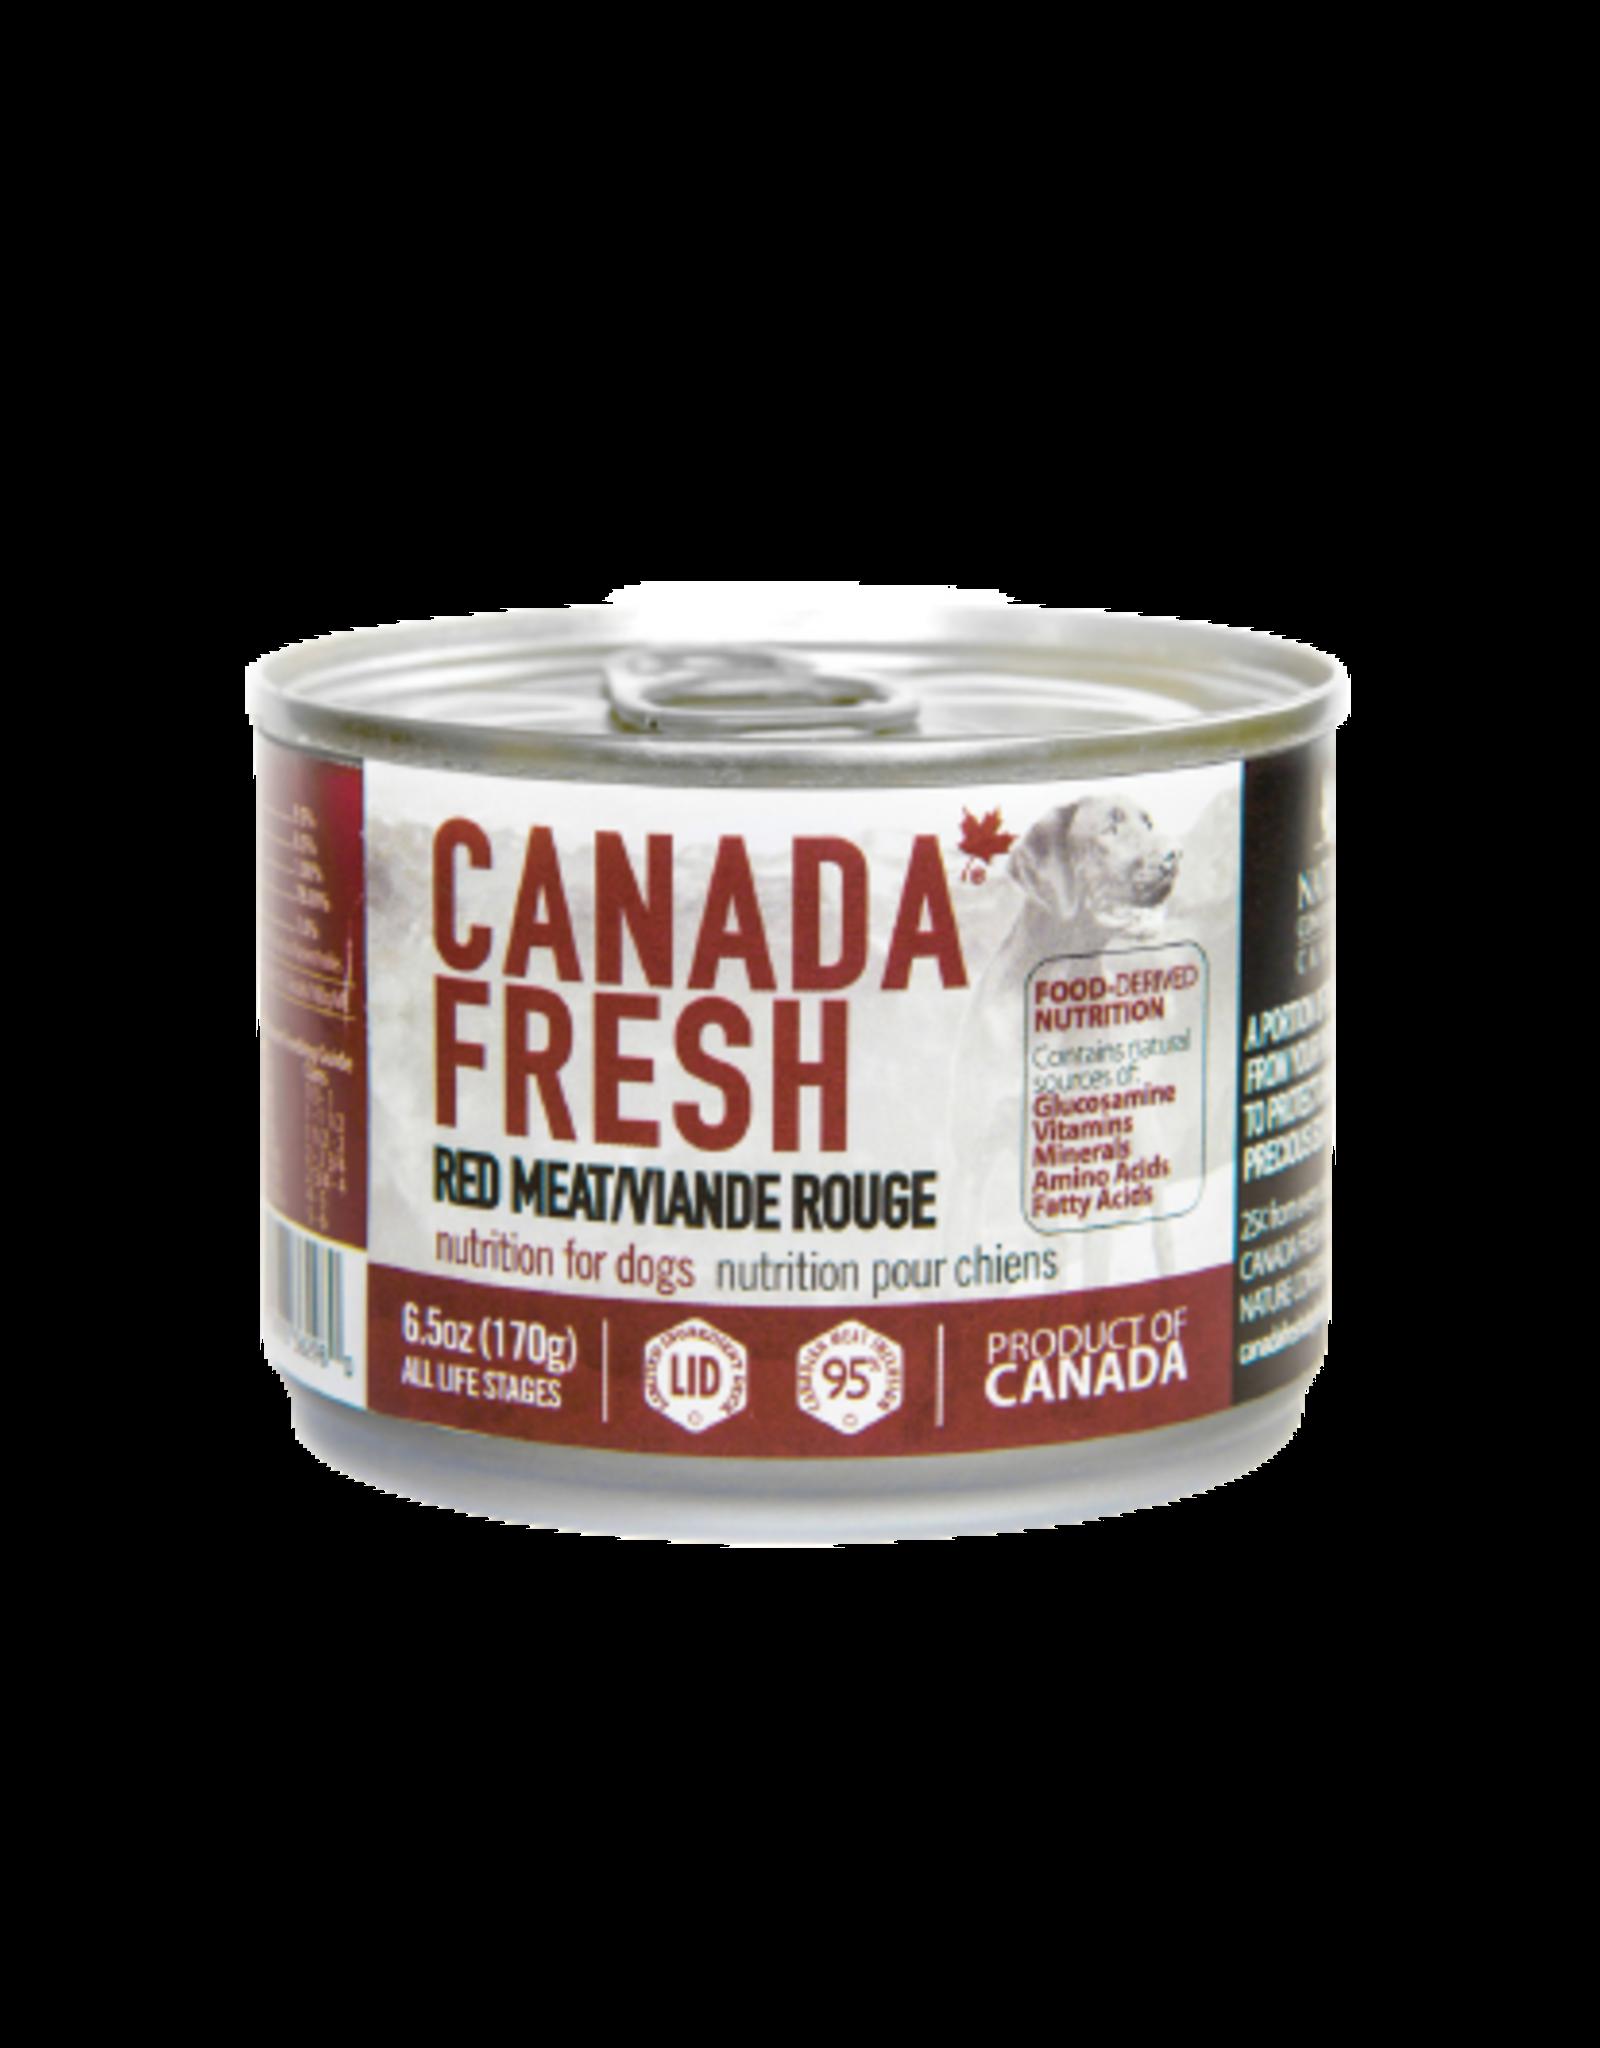 PETKIND CanadaFresh DOG Red Meat 6.5oz